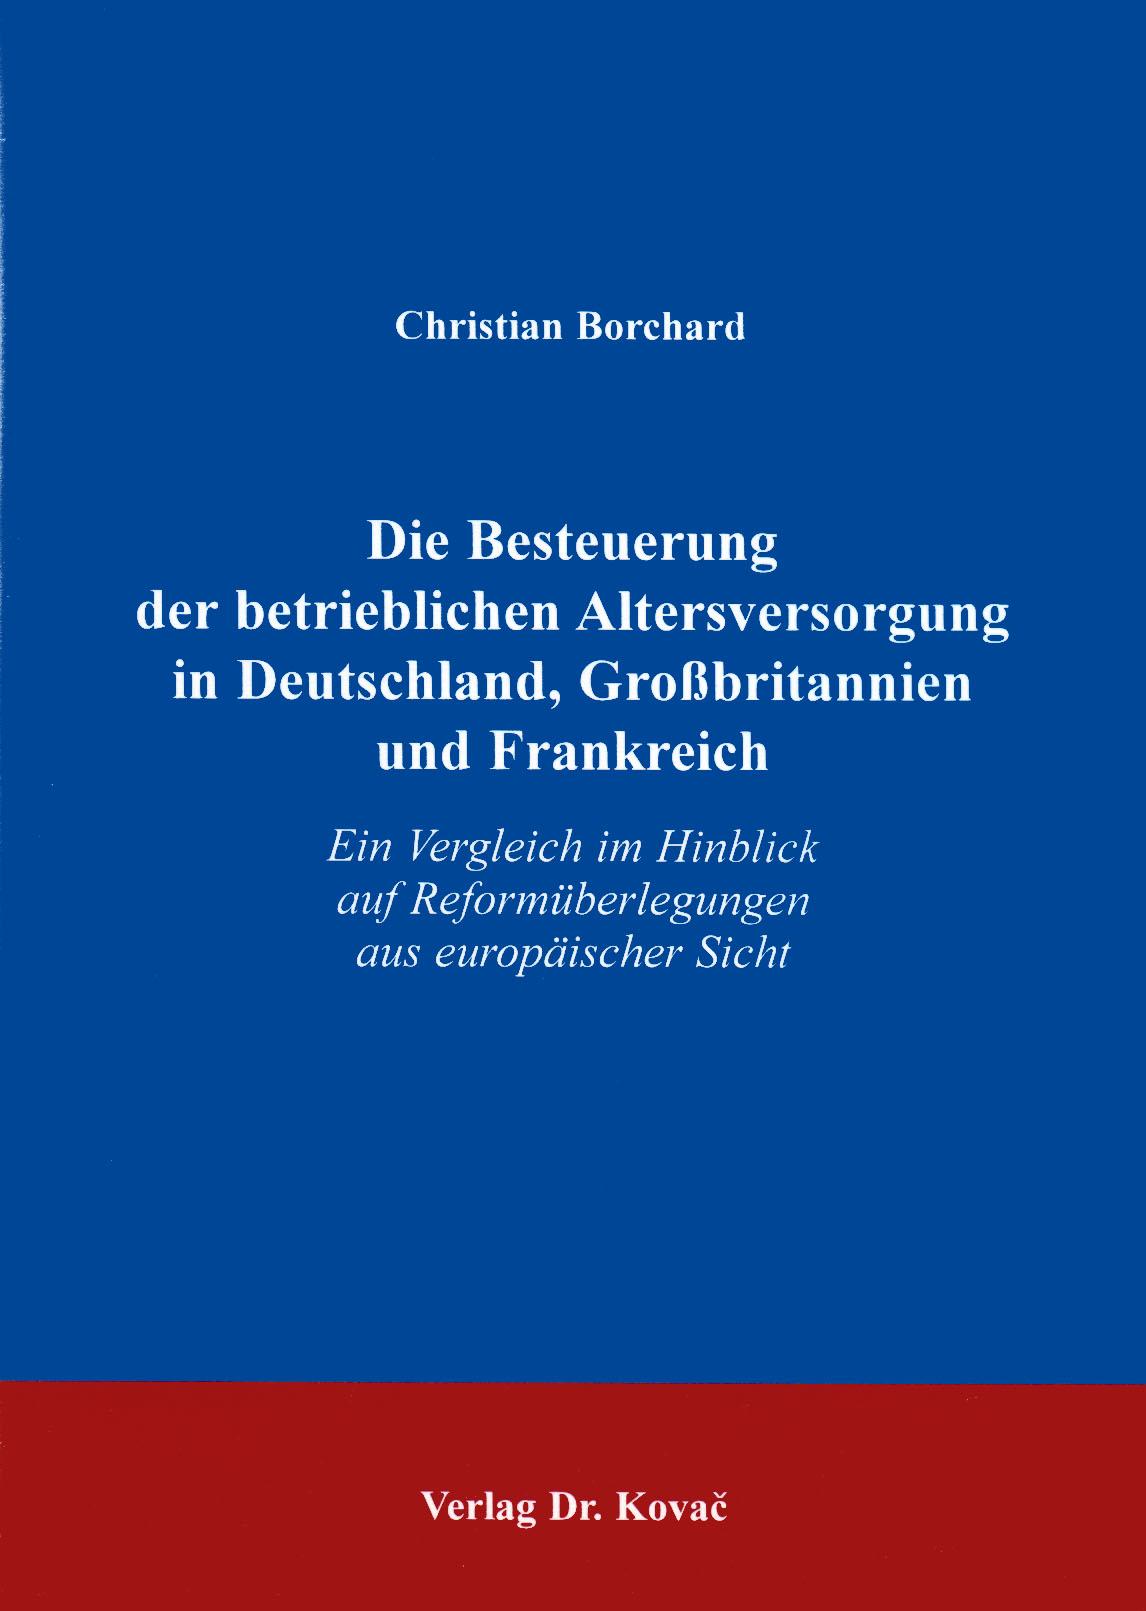 Cover: Die Besteuerung der betrieblichen Altersversorgung in Deutschland, Großbritannien und Frankreich